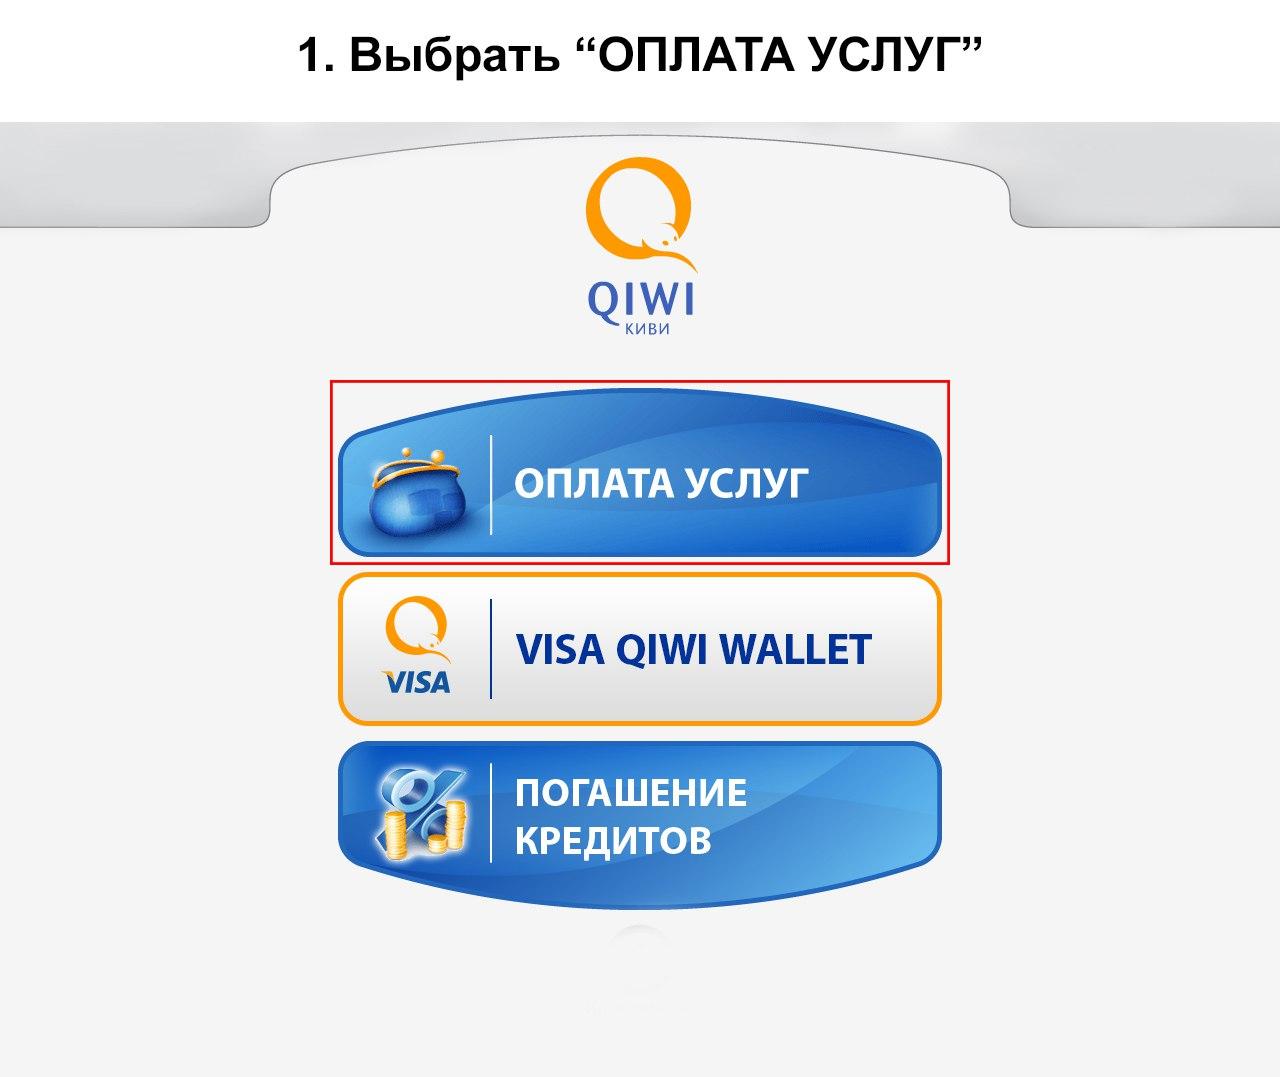 займ на qiwi кошелек онлайн без отказа